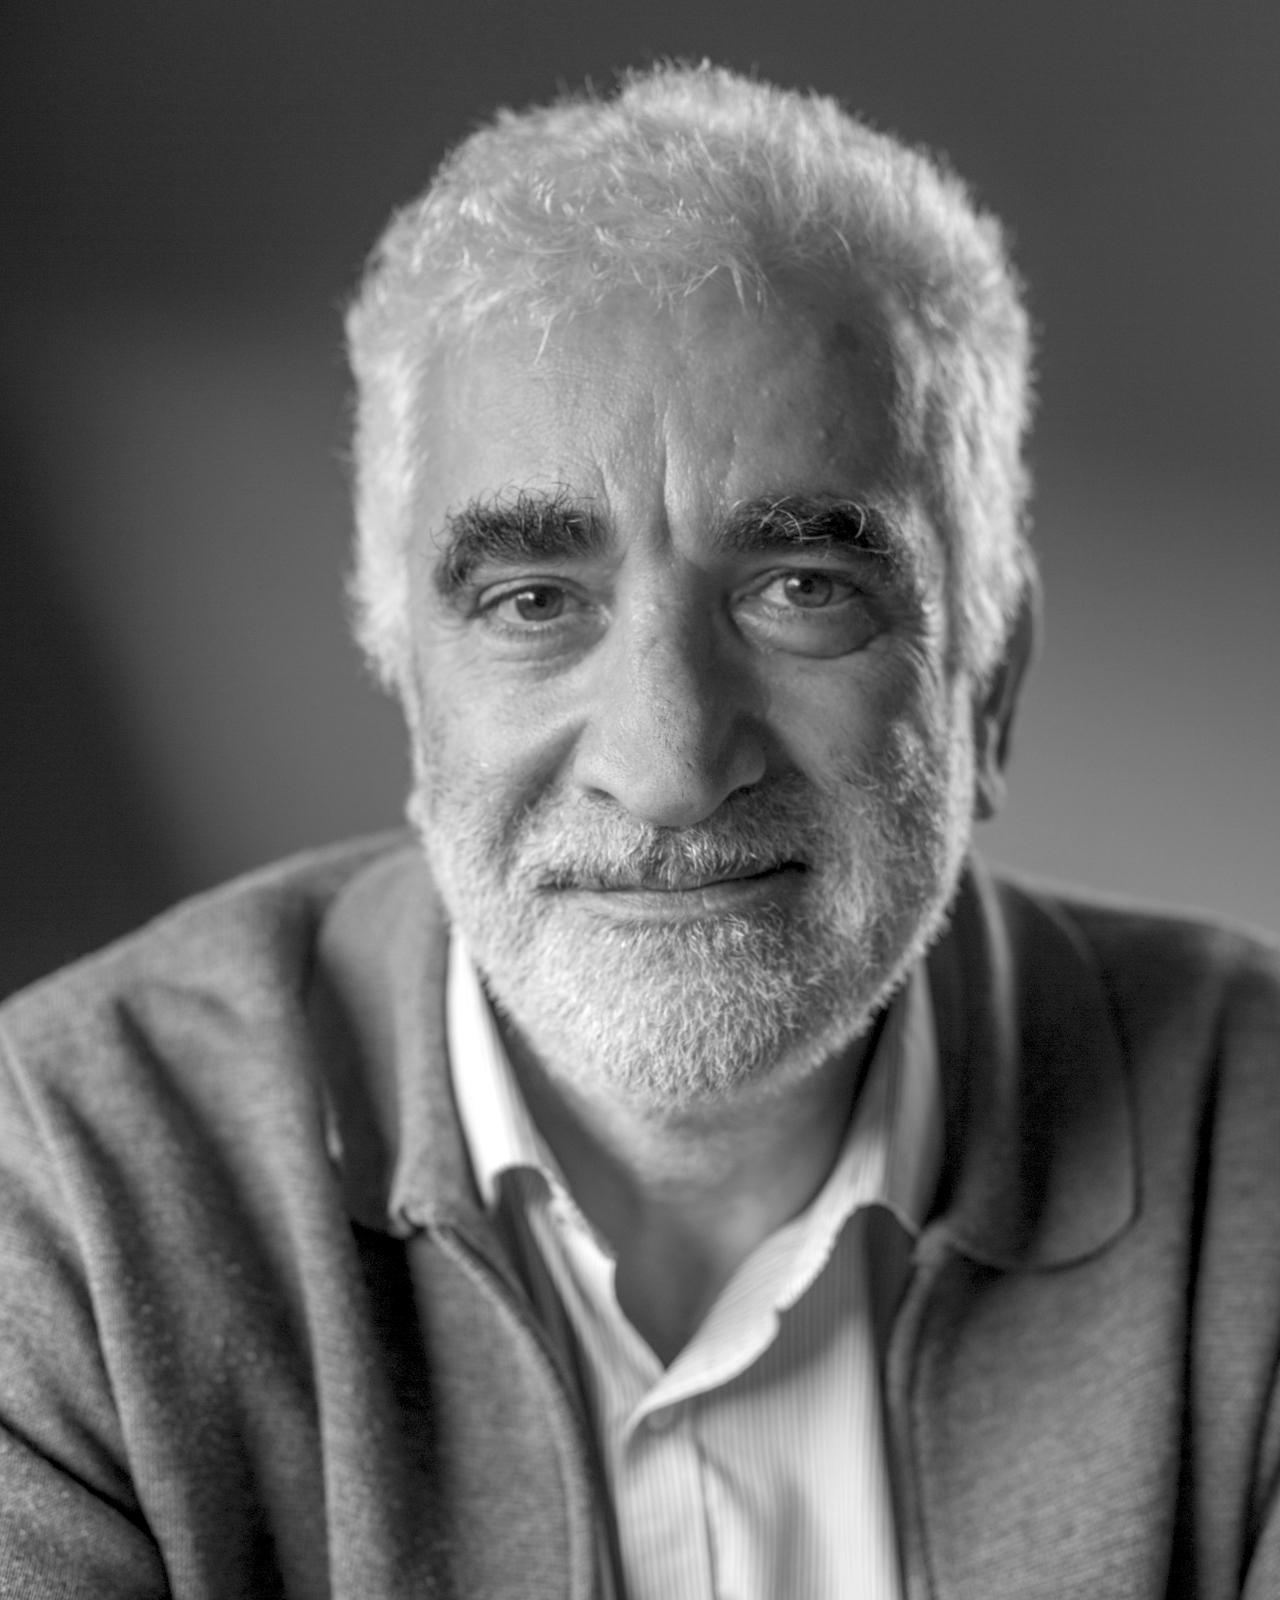 Paulo Providência